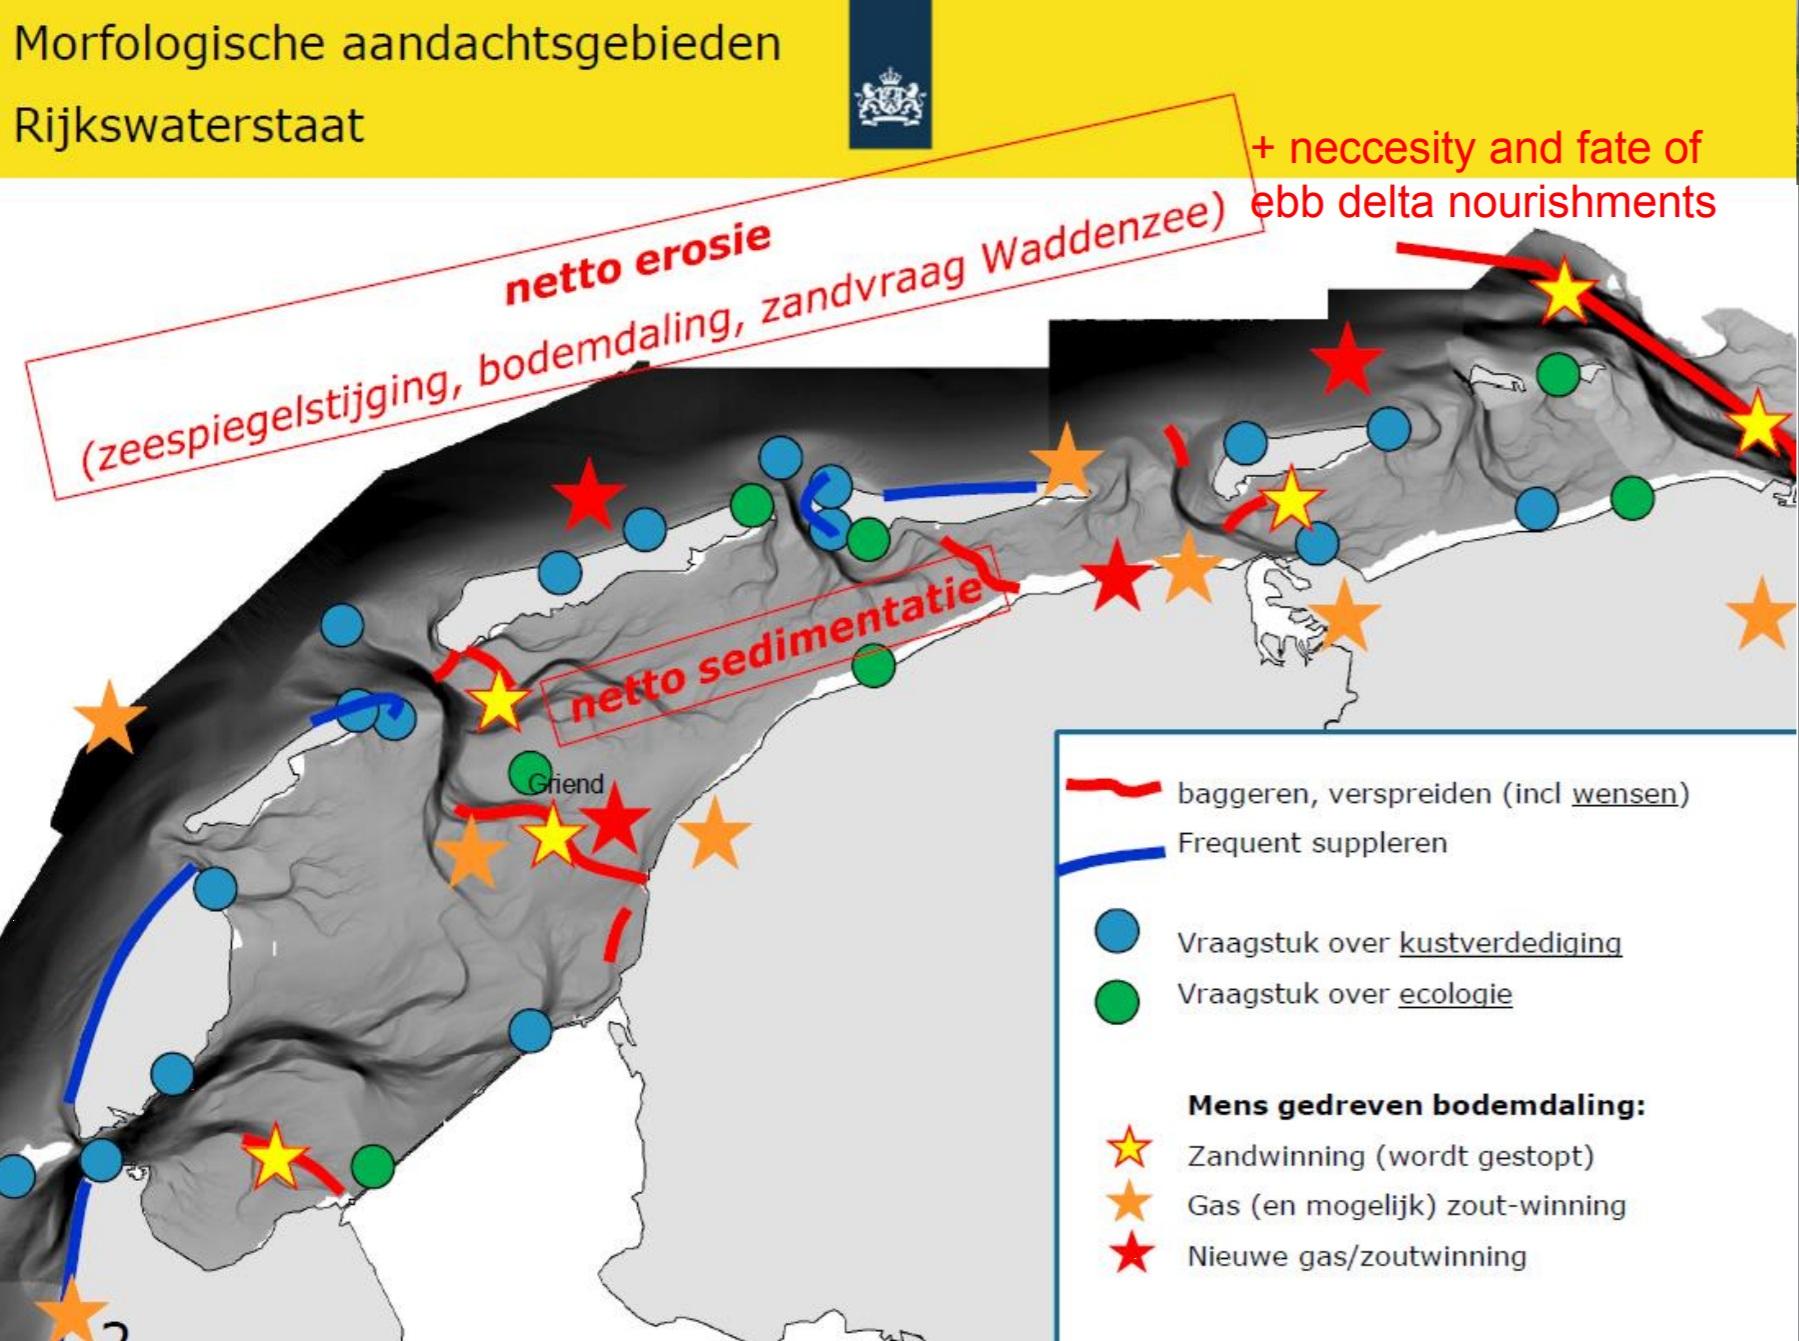 De langere termijn; morfologische aandachtsgebieden in de Waddenzee. Uit de presentatie van Pieter Koen Tonnon van Deltares. (Afbeelding: Deltares)